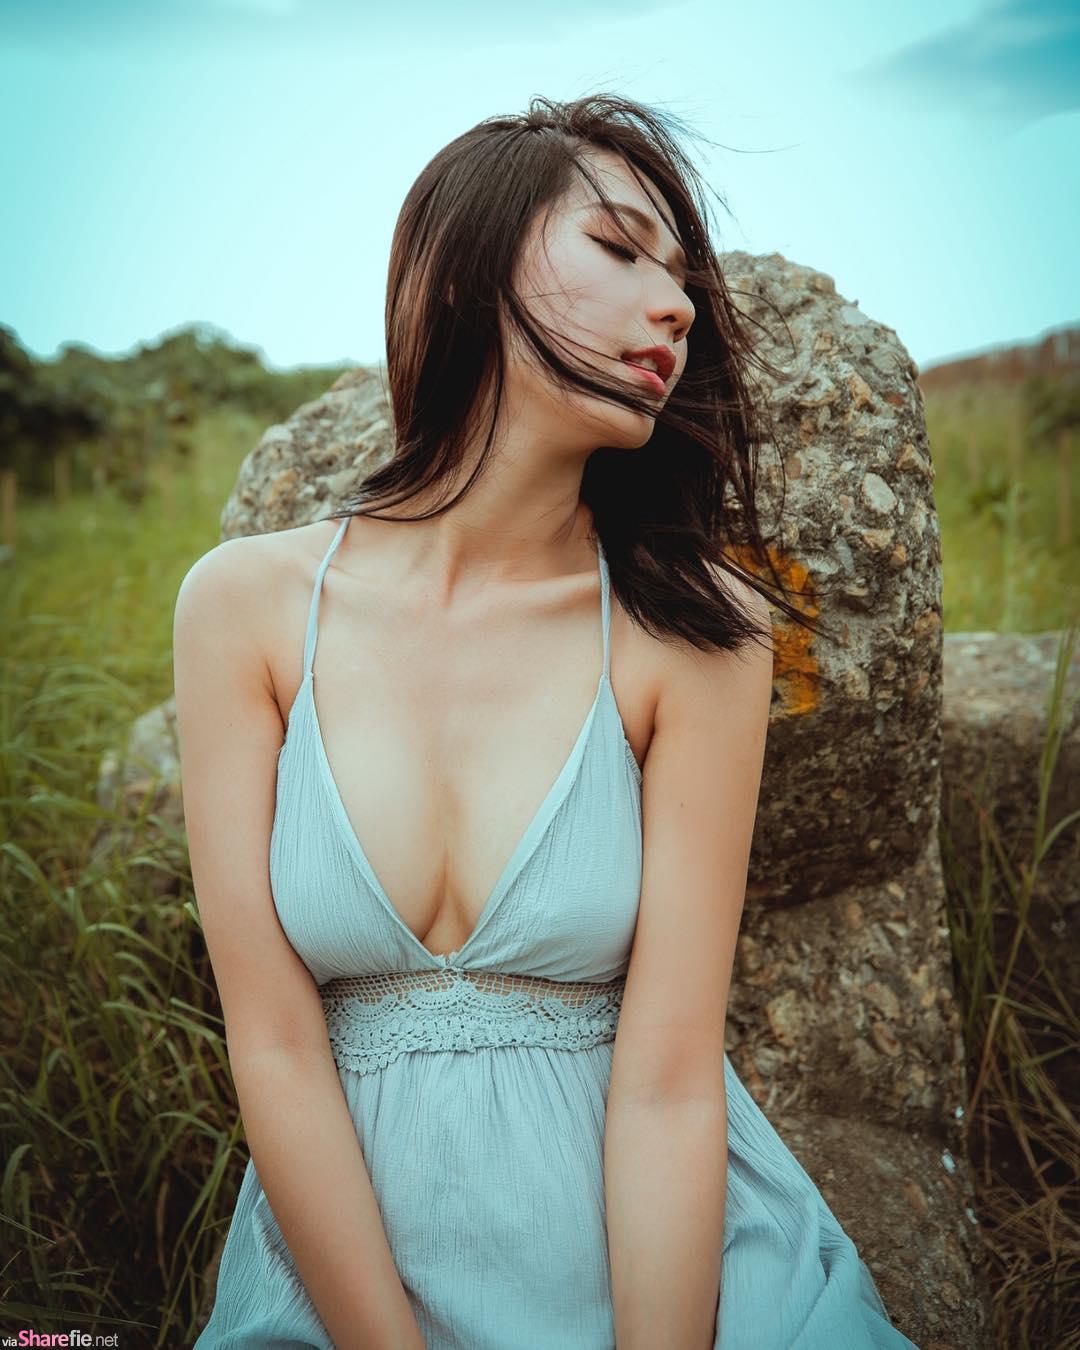 直播正妹萱萱,很害羞但依然不变的小性感清新风